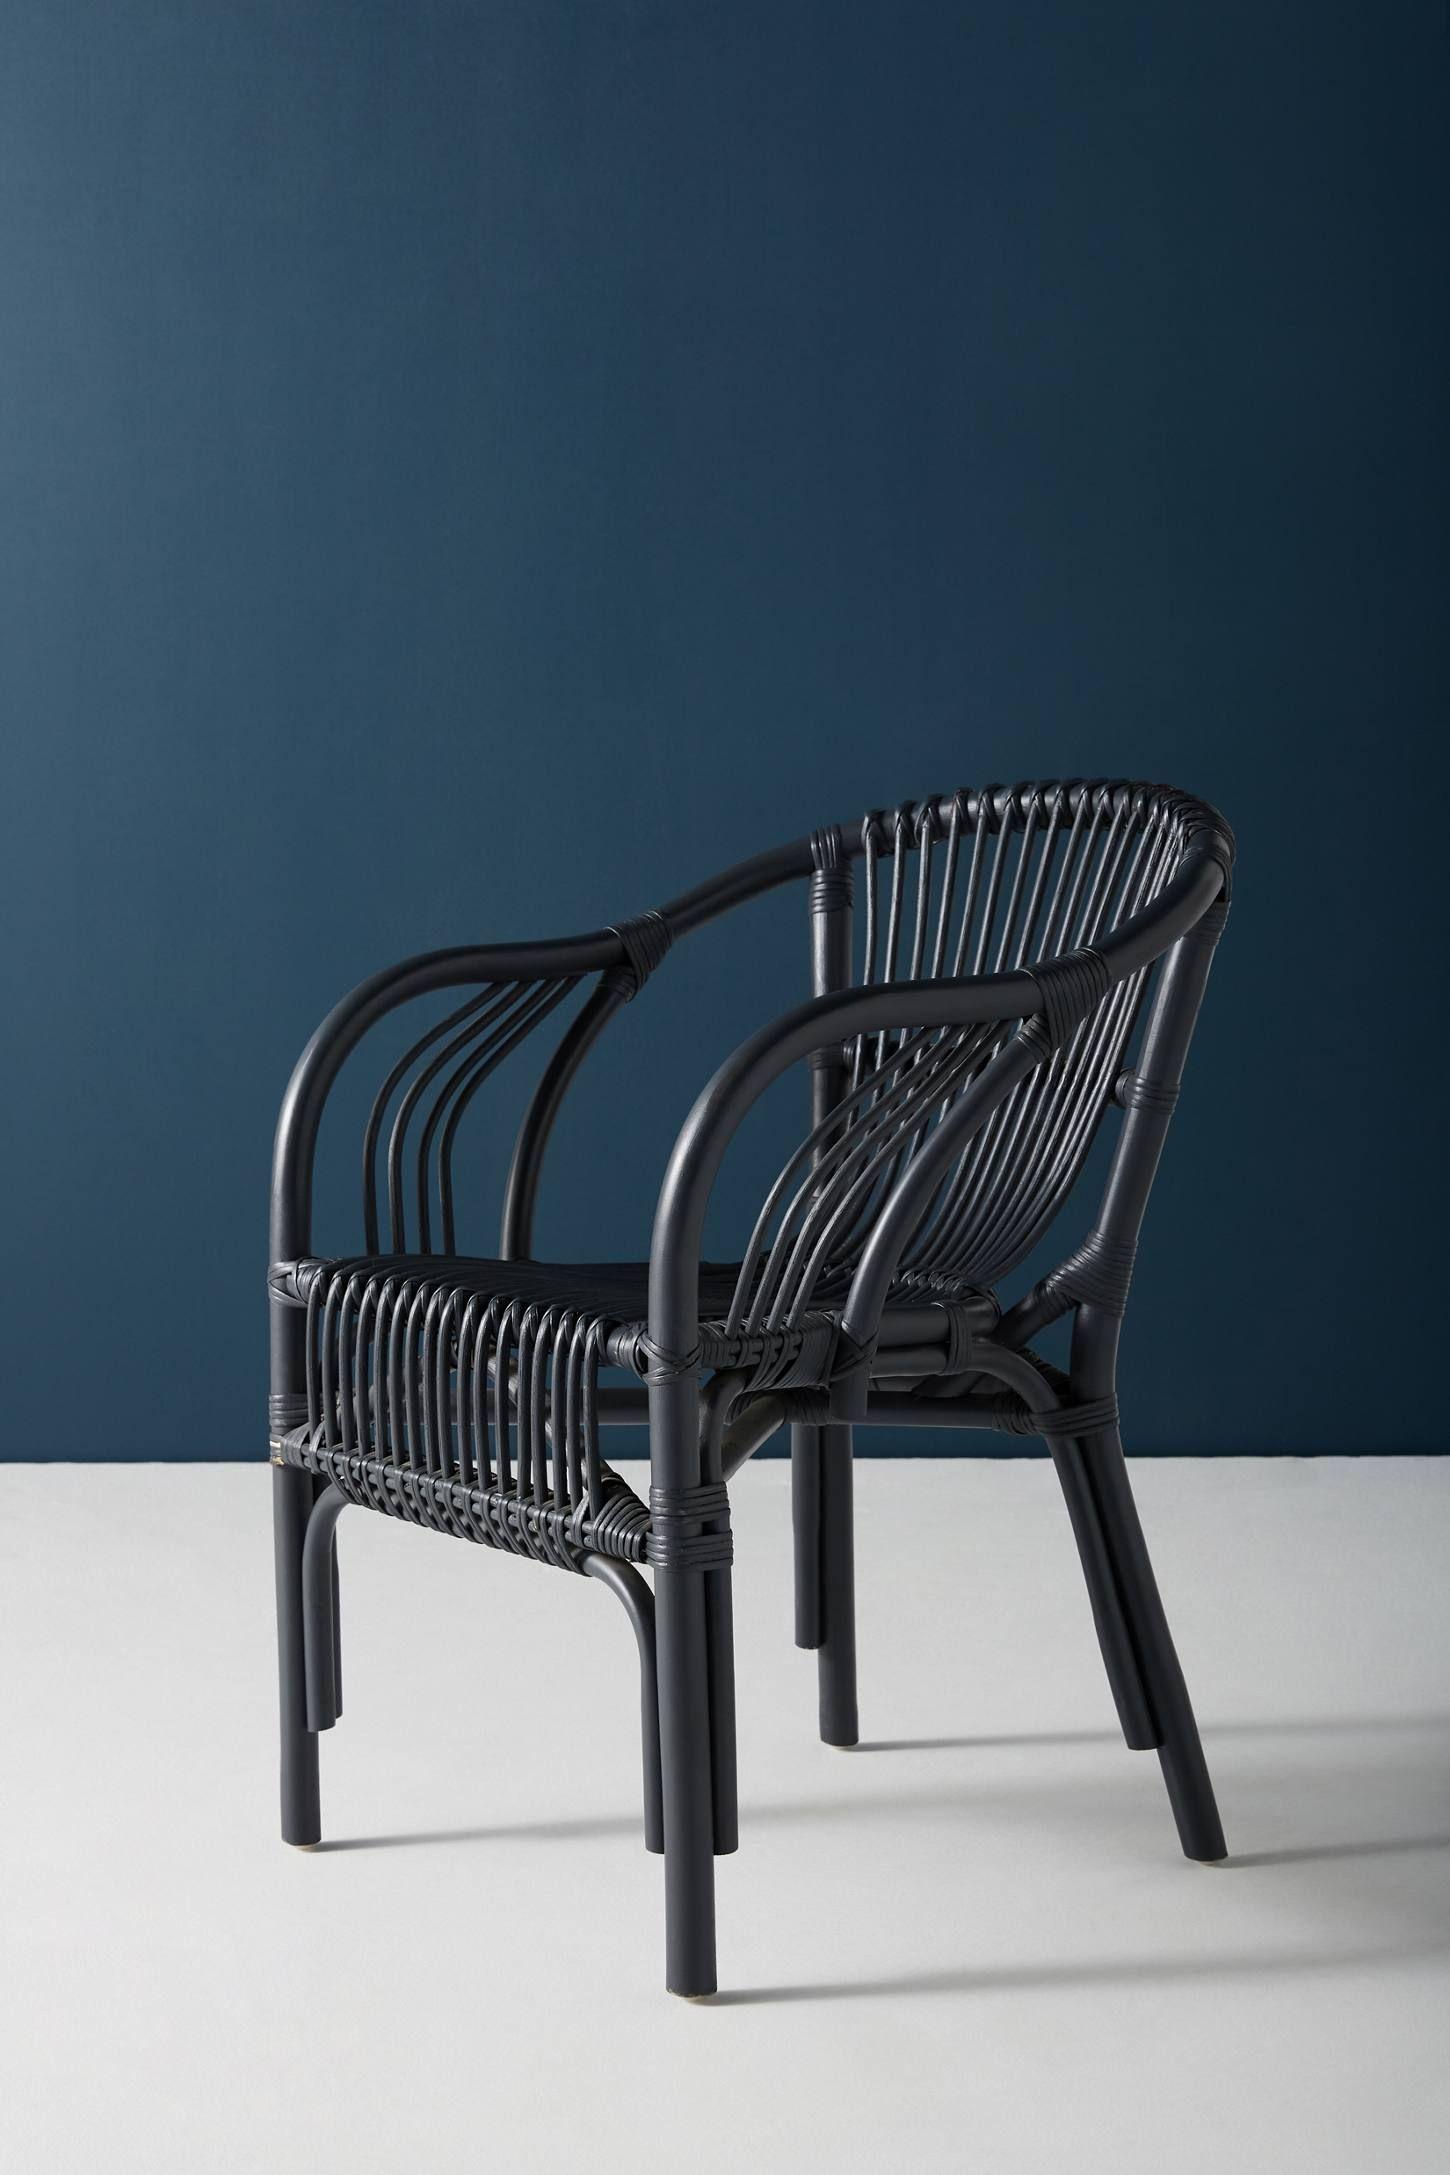 Pari Rattan Chair Rattan Chair Porch Chairs Chair